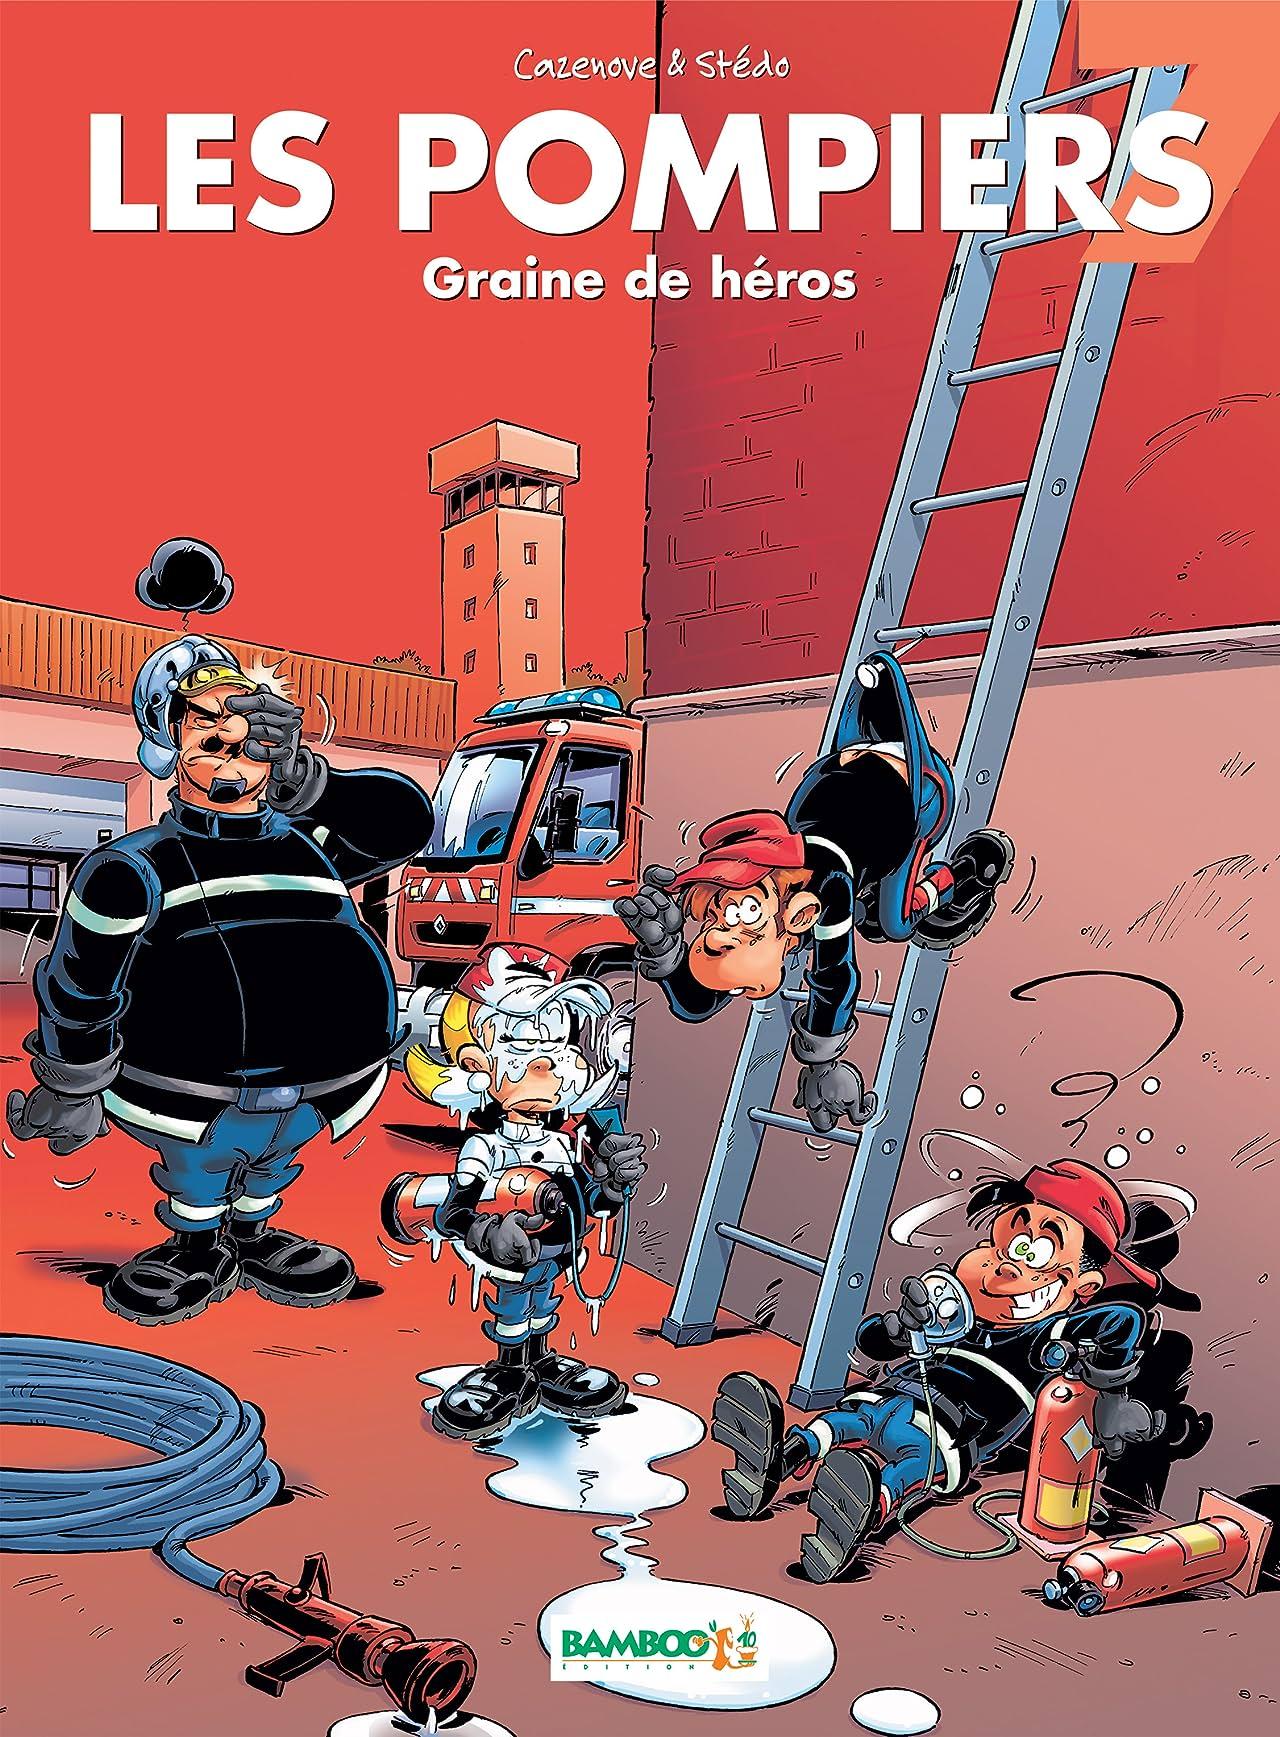 Les Pompiers Vol. 7: Graine de héros